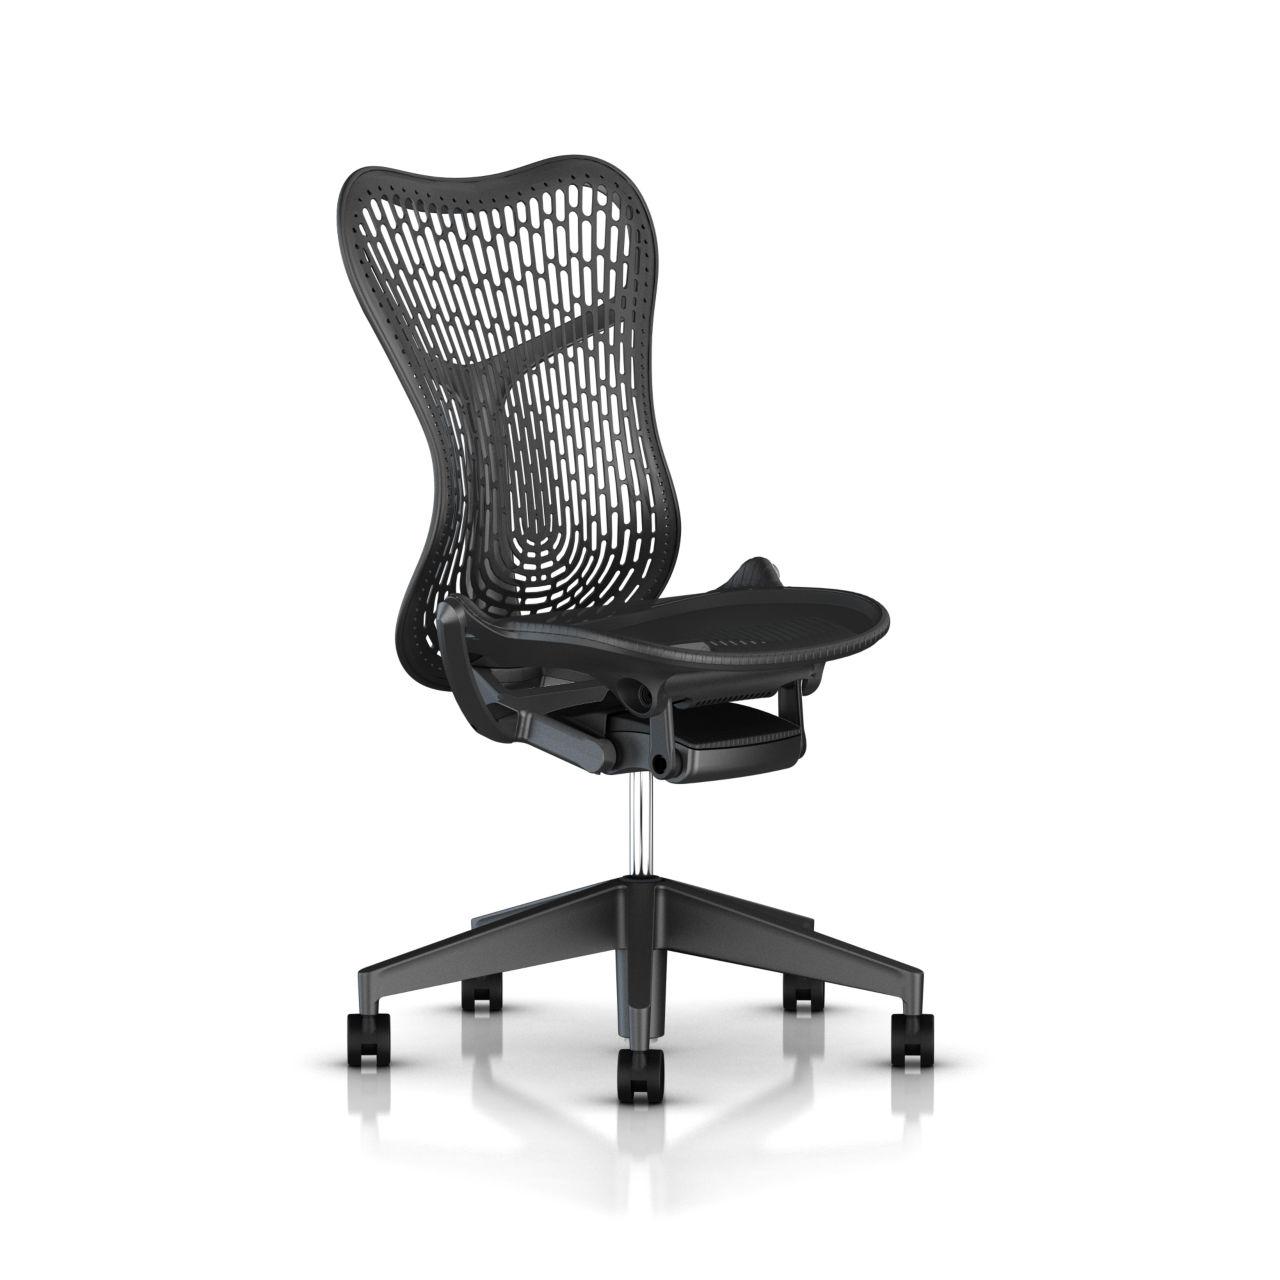 Mirra 2 Chair by Herman Miller